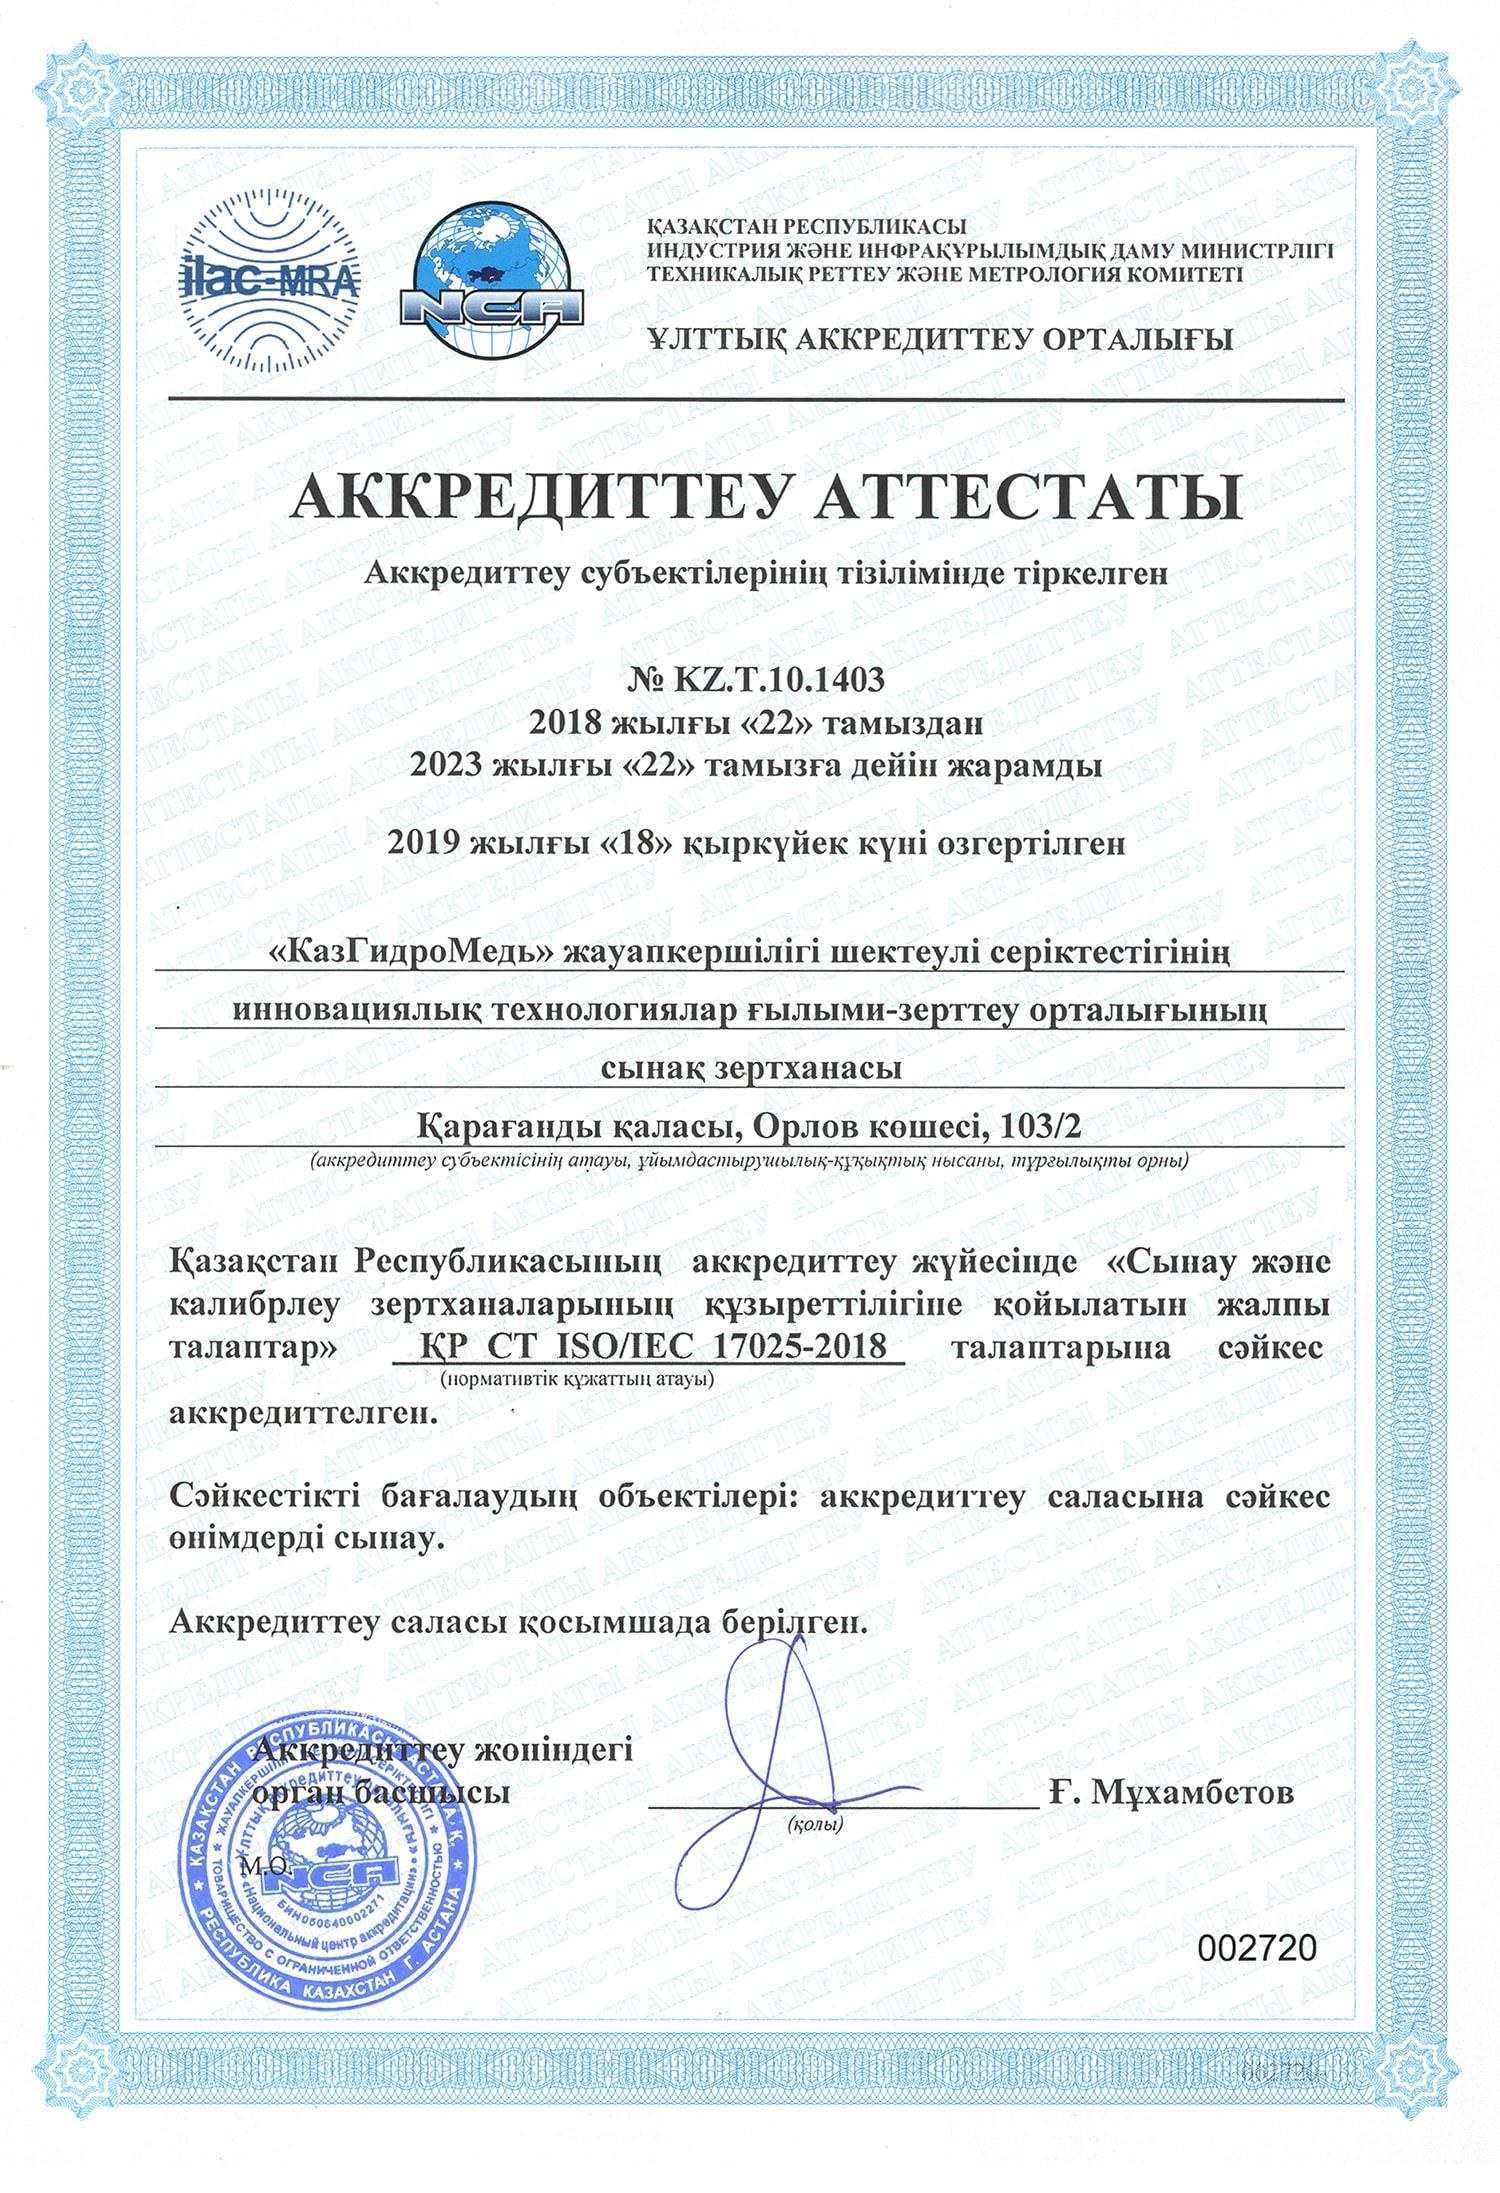 аттестат аккредитации СТ РК 17025-2 каз.-min